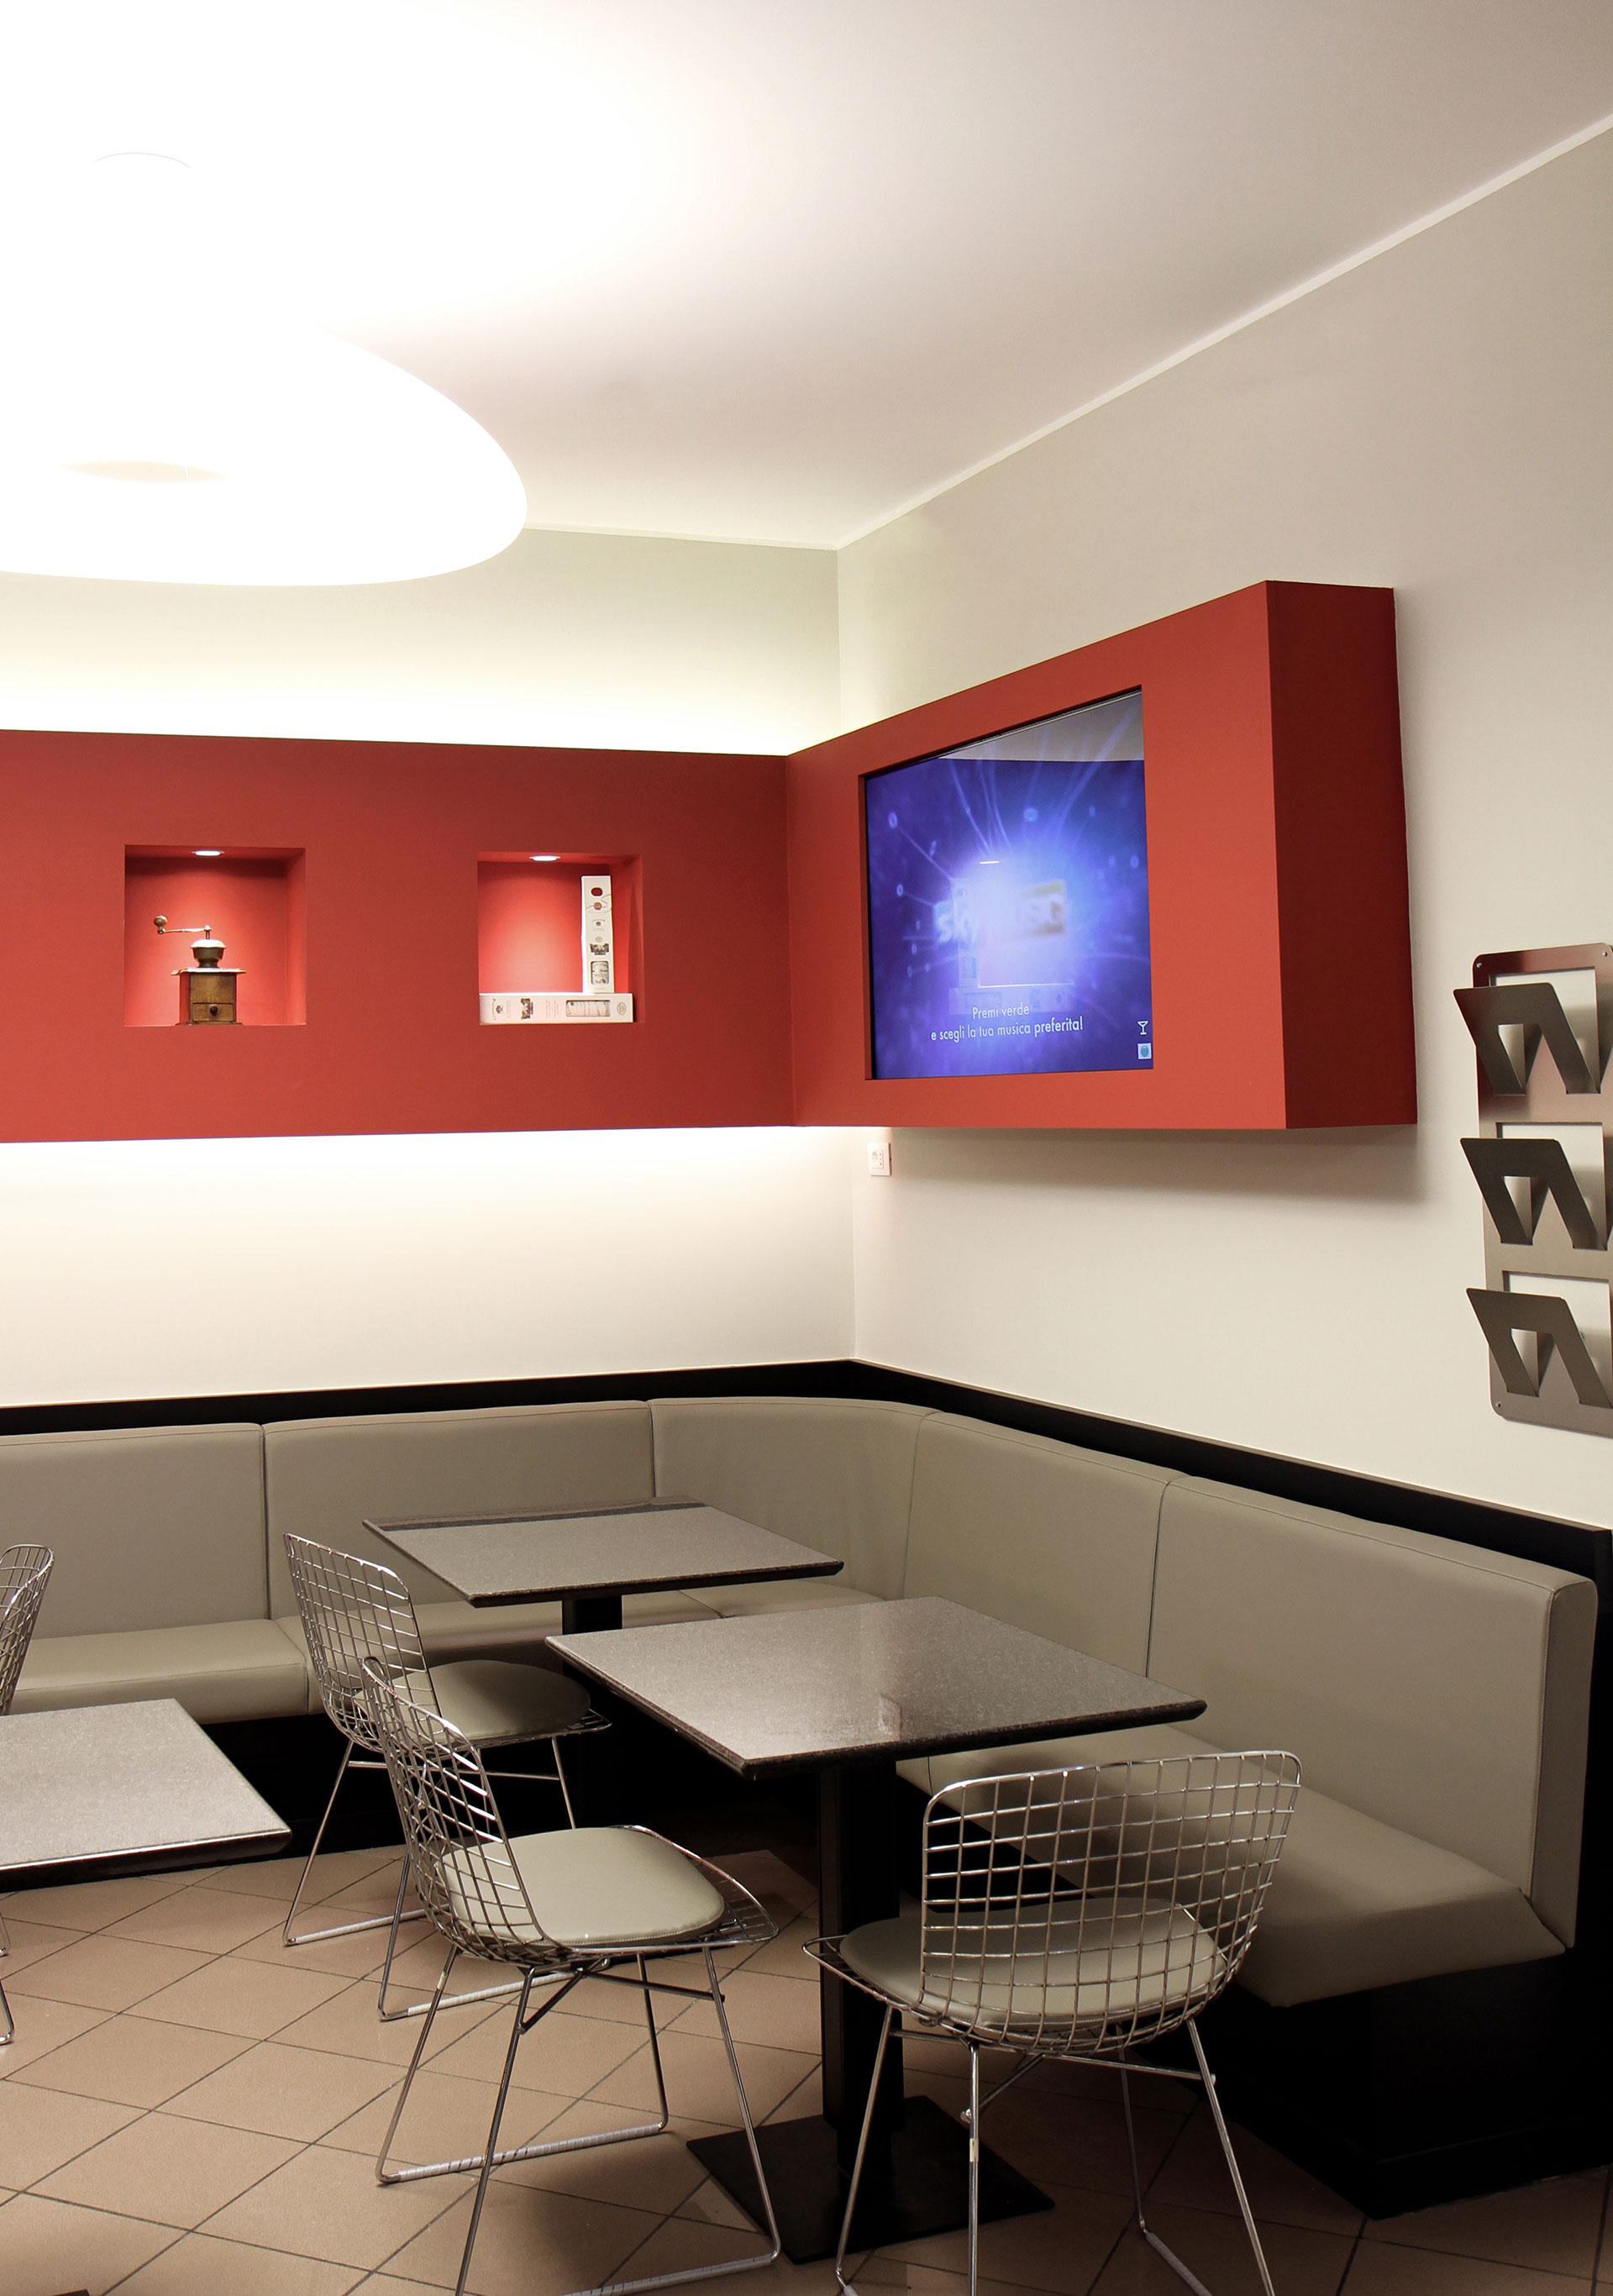 Bar fontanari trento arredamenti grafite for Trento arredamenti